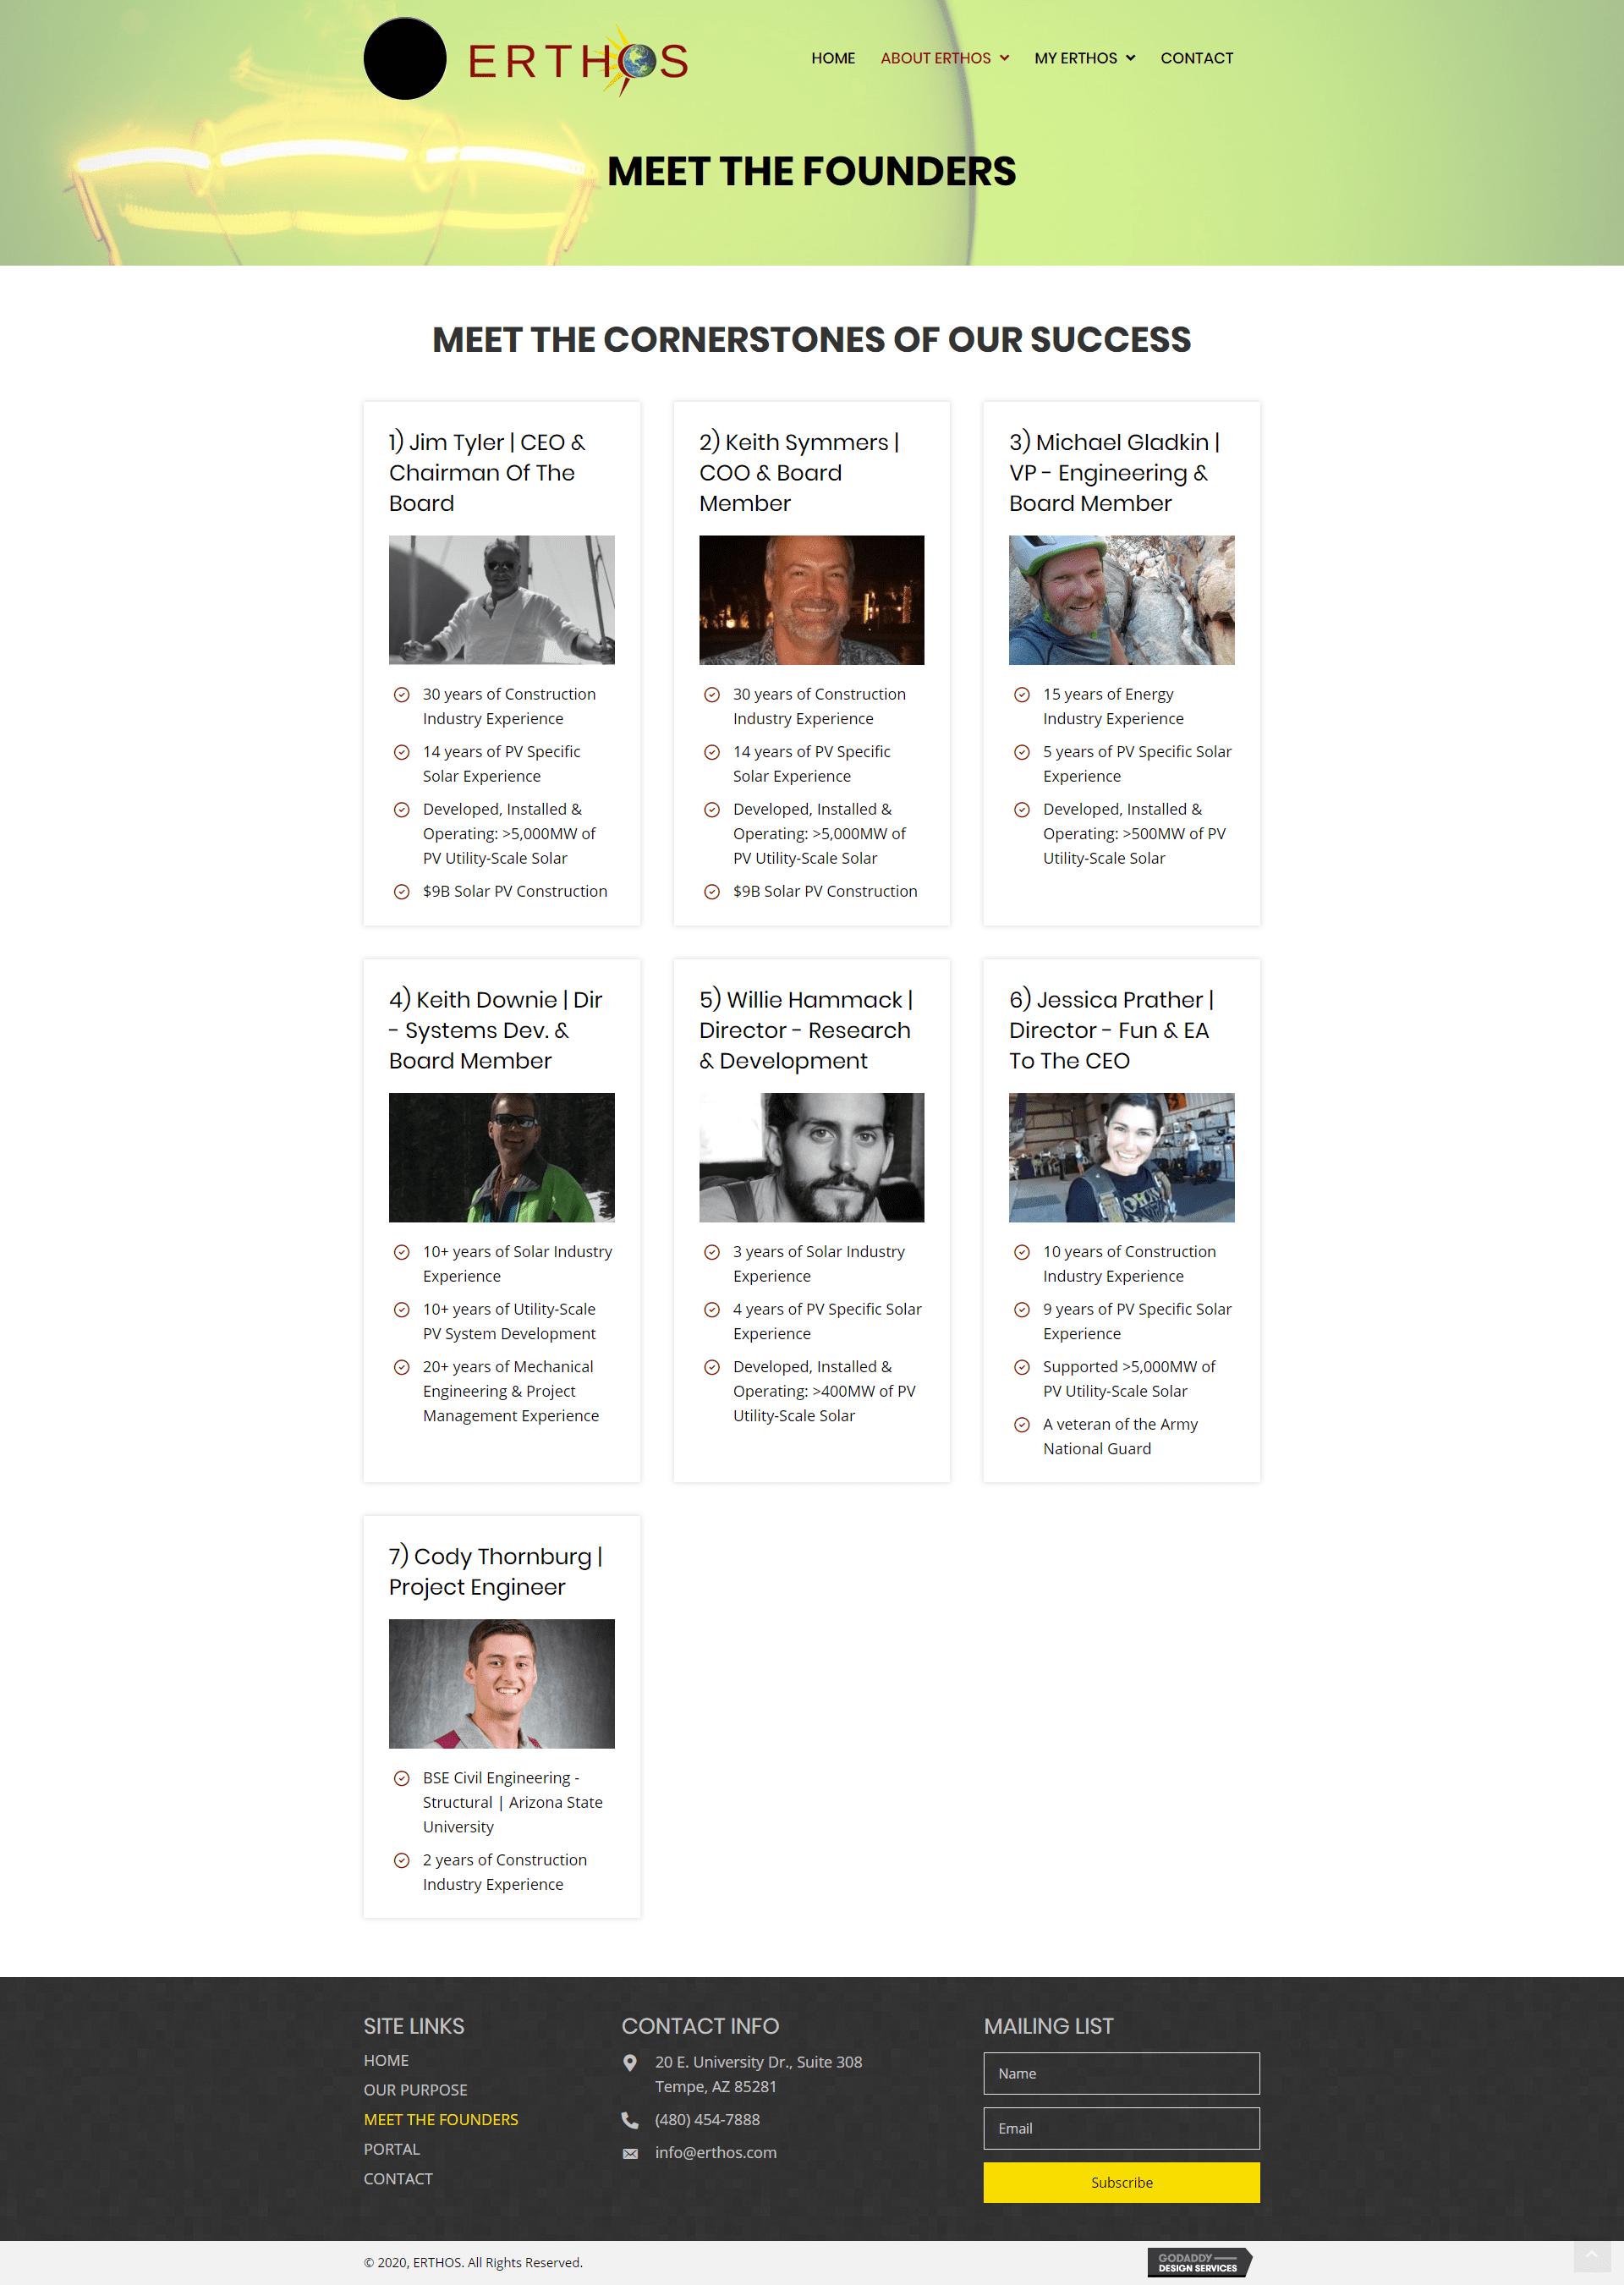 screencapture-hj0-e43-myftpupload-meet-the-founders